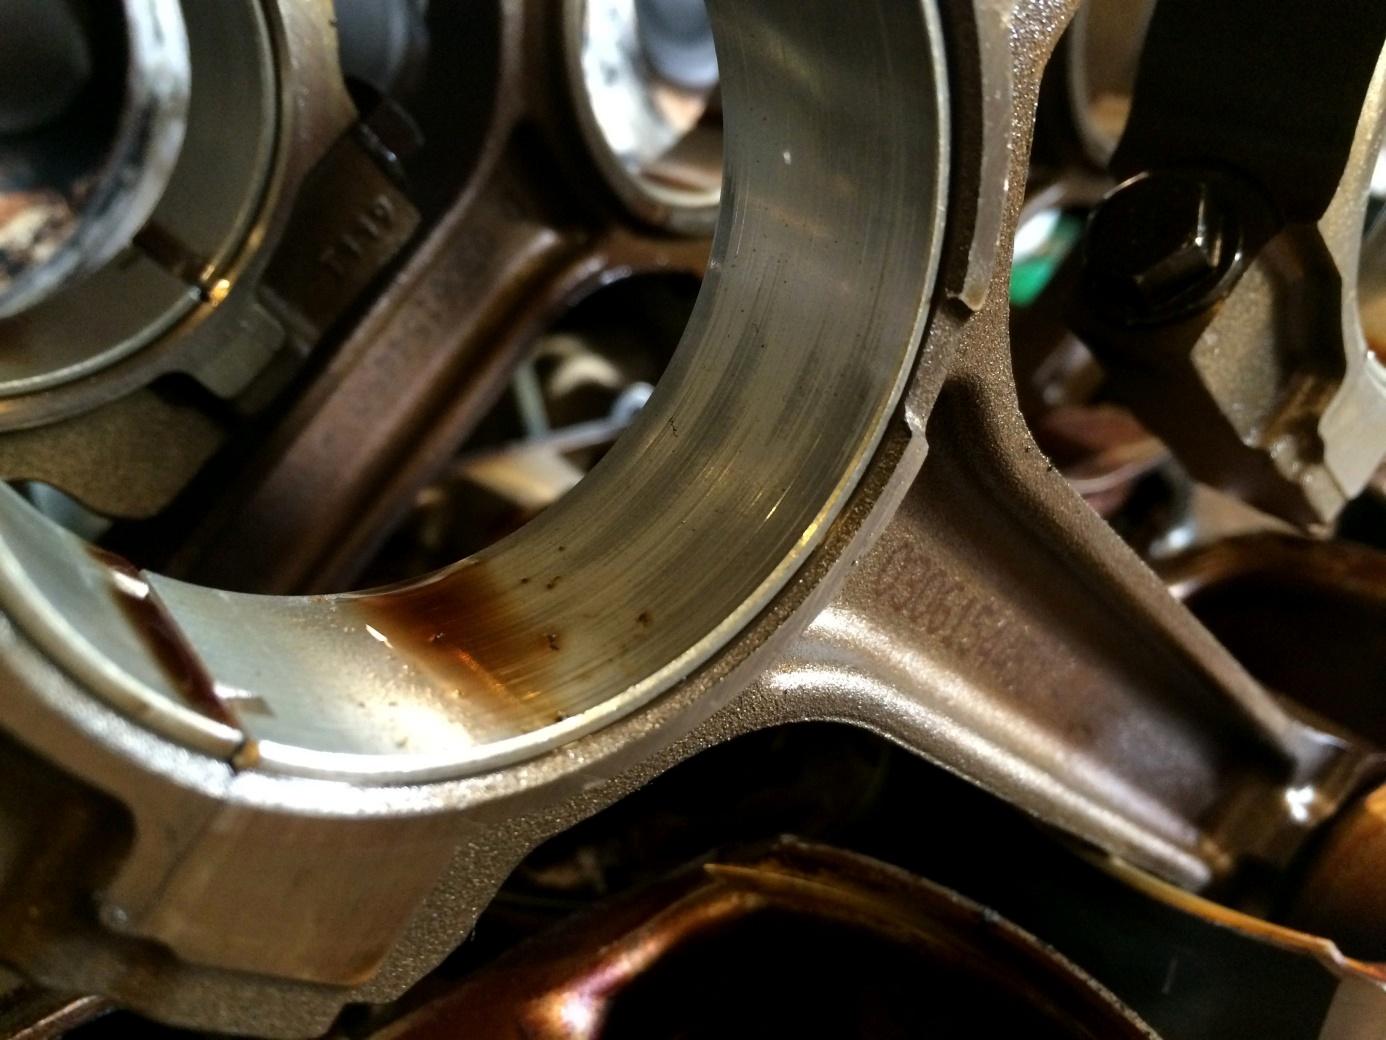 Chwilowa utrata ciśnienia w układzie smarowania i takie mogą być skutki. Na panewce widać ślady kontaktu metal-metal.